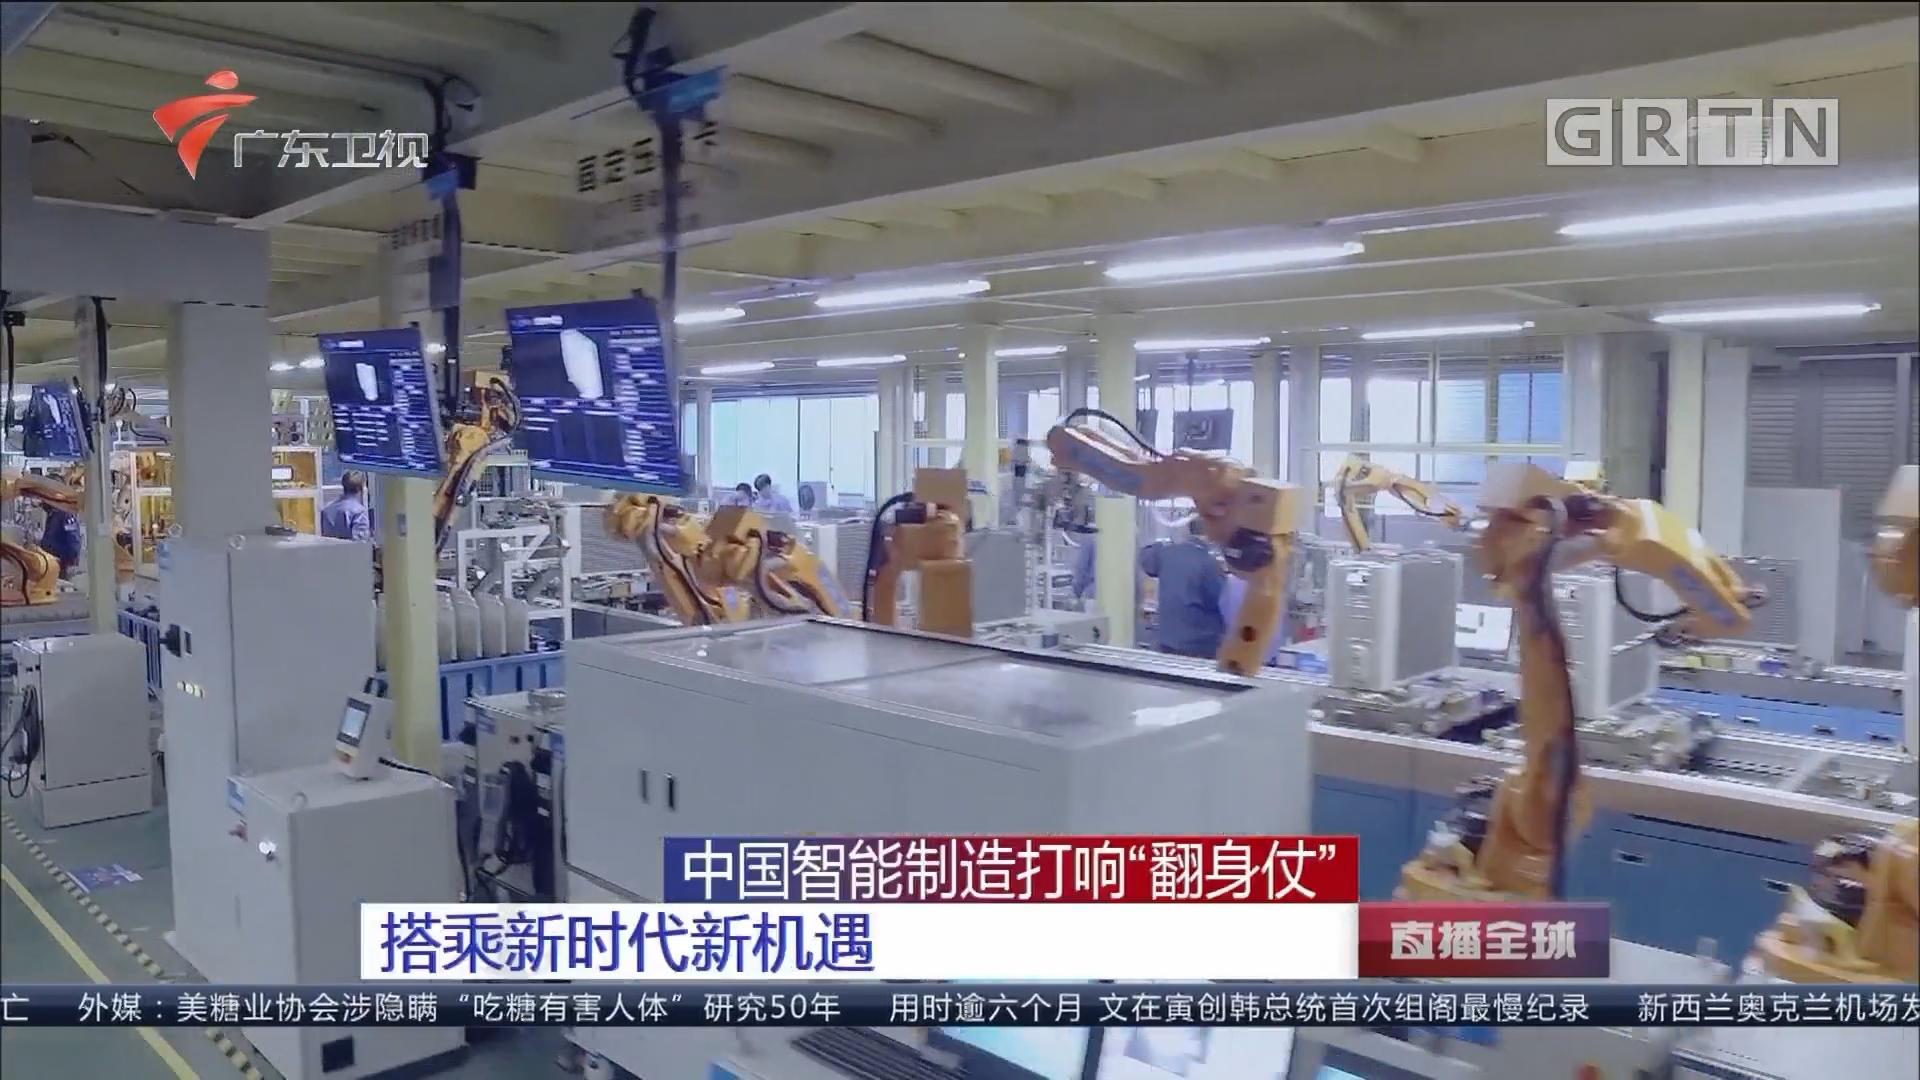 """中国智能制造打响""""翻身仗"""" 搭乘新时代新机遇"""